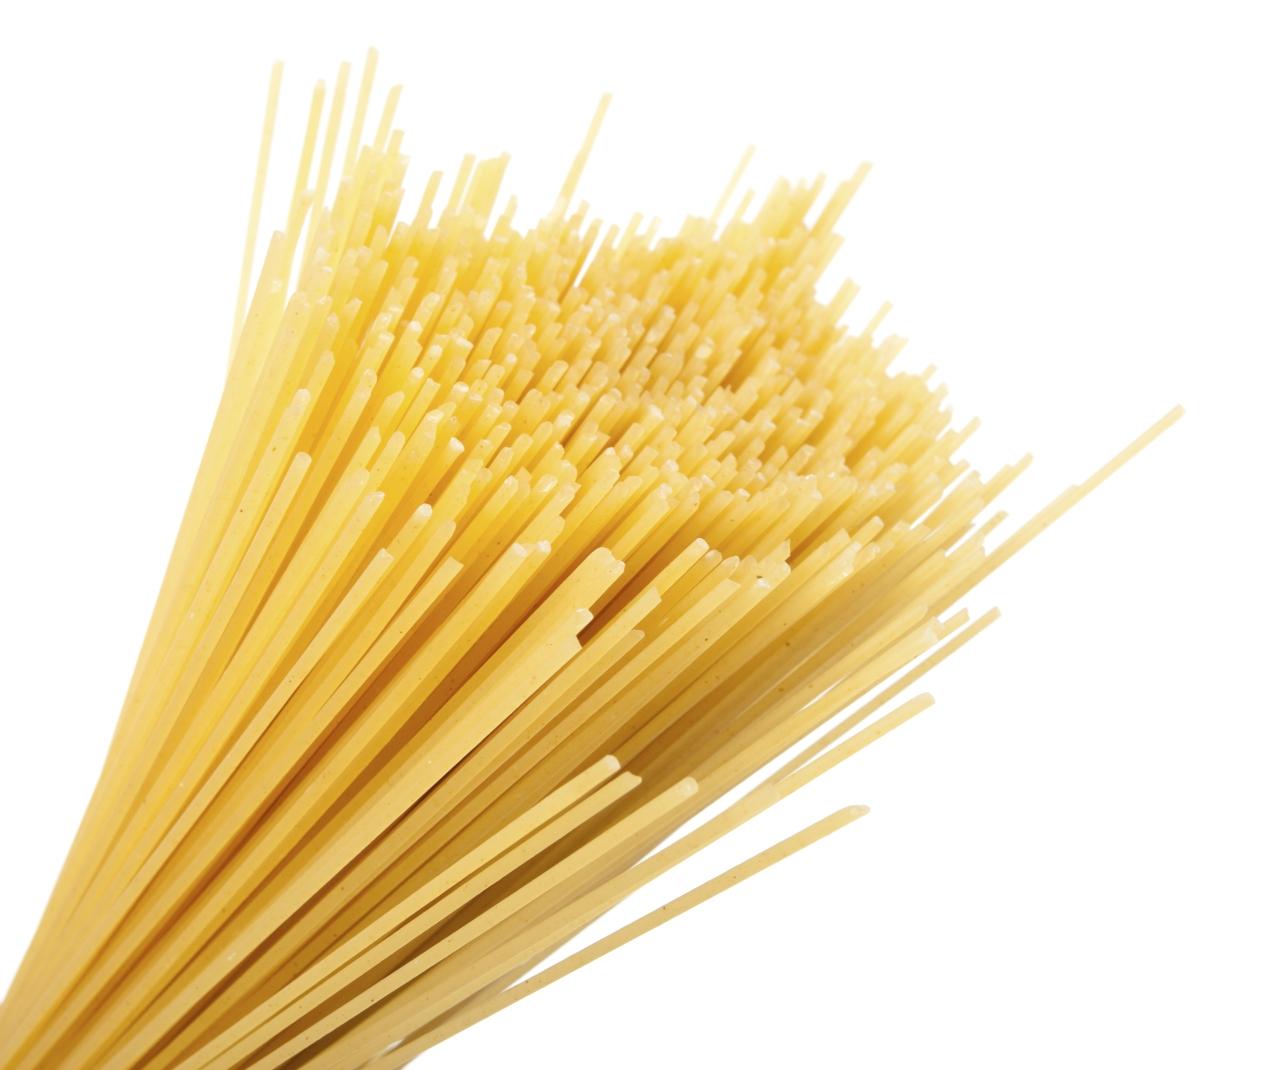 Spaghetti - Der Inbegriff italienischer Nudeln - pastaweb.de